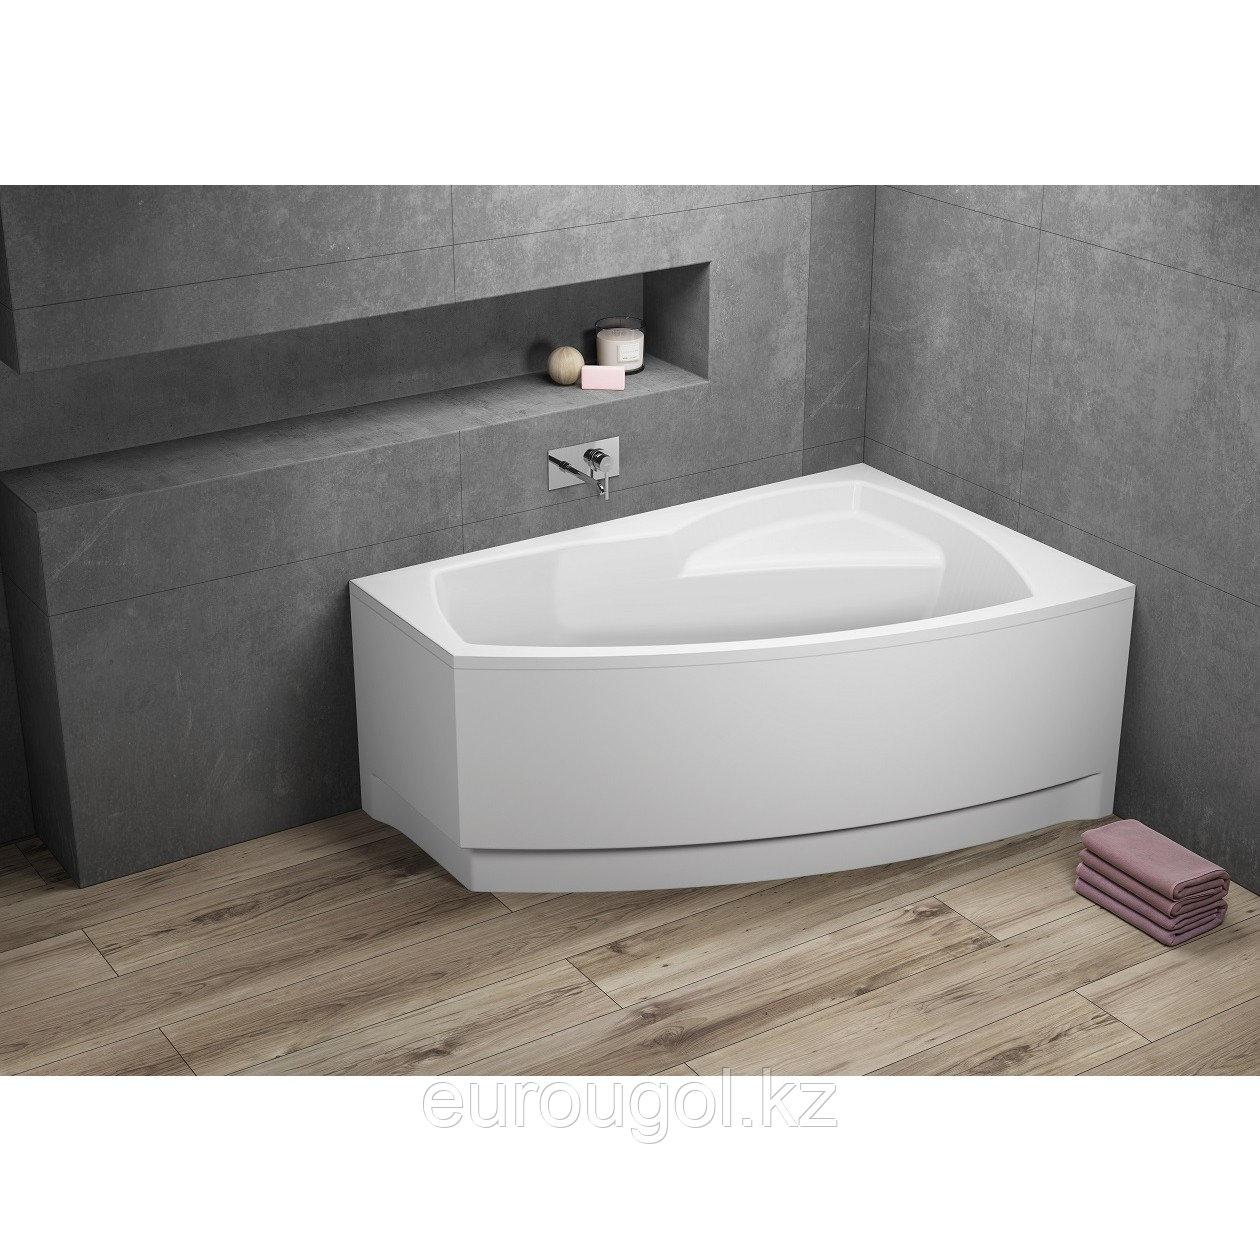 Акриловая ванна асимметричная FRIDA1 150х90 см